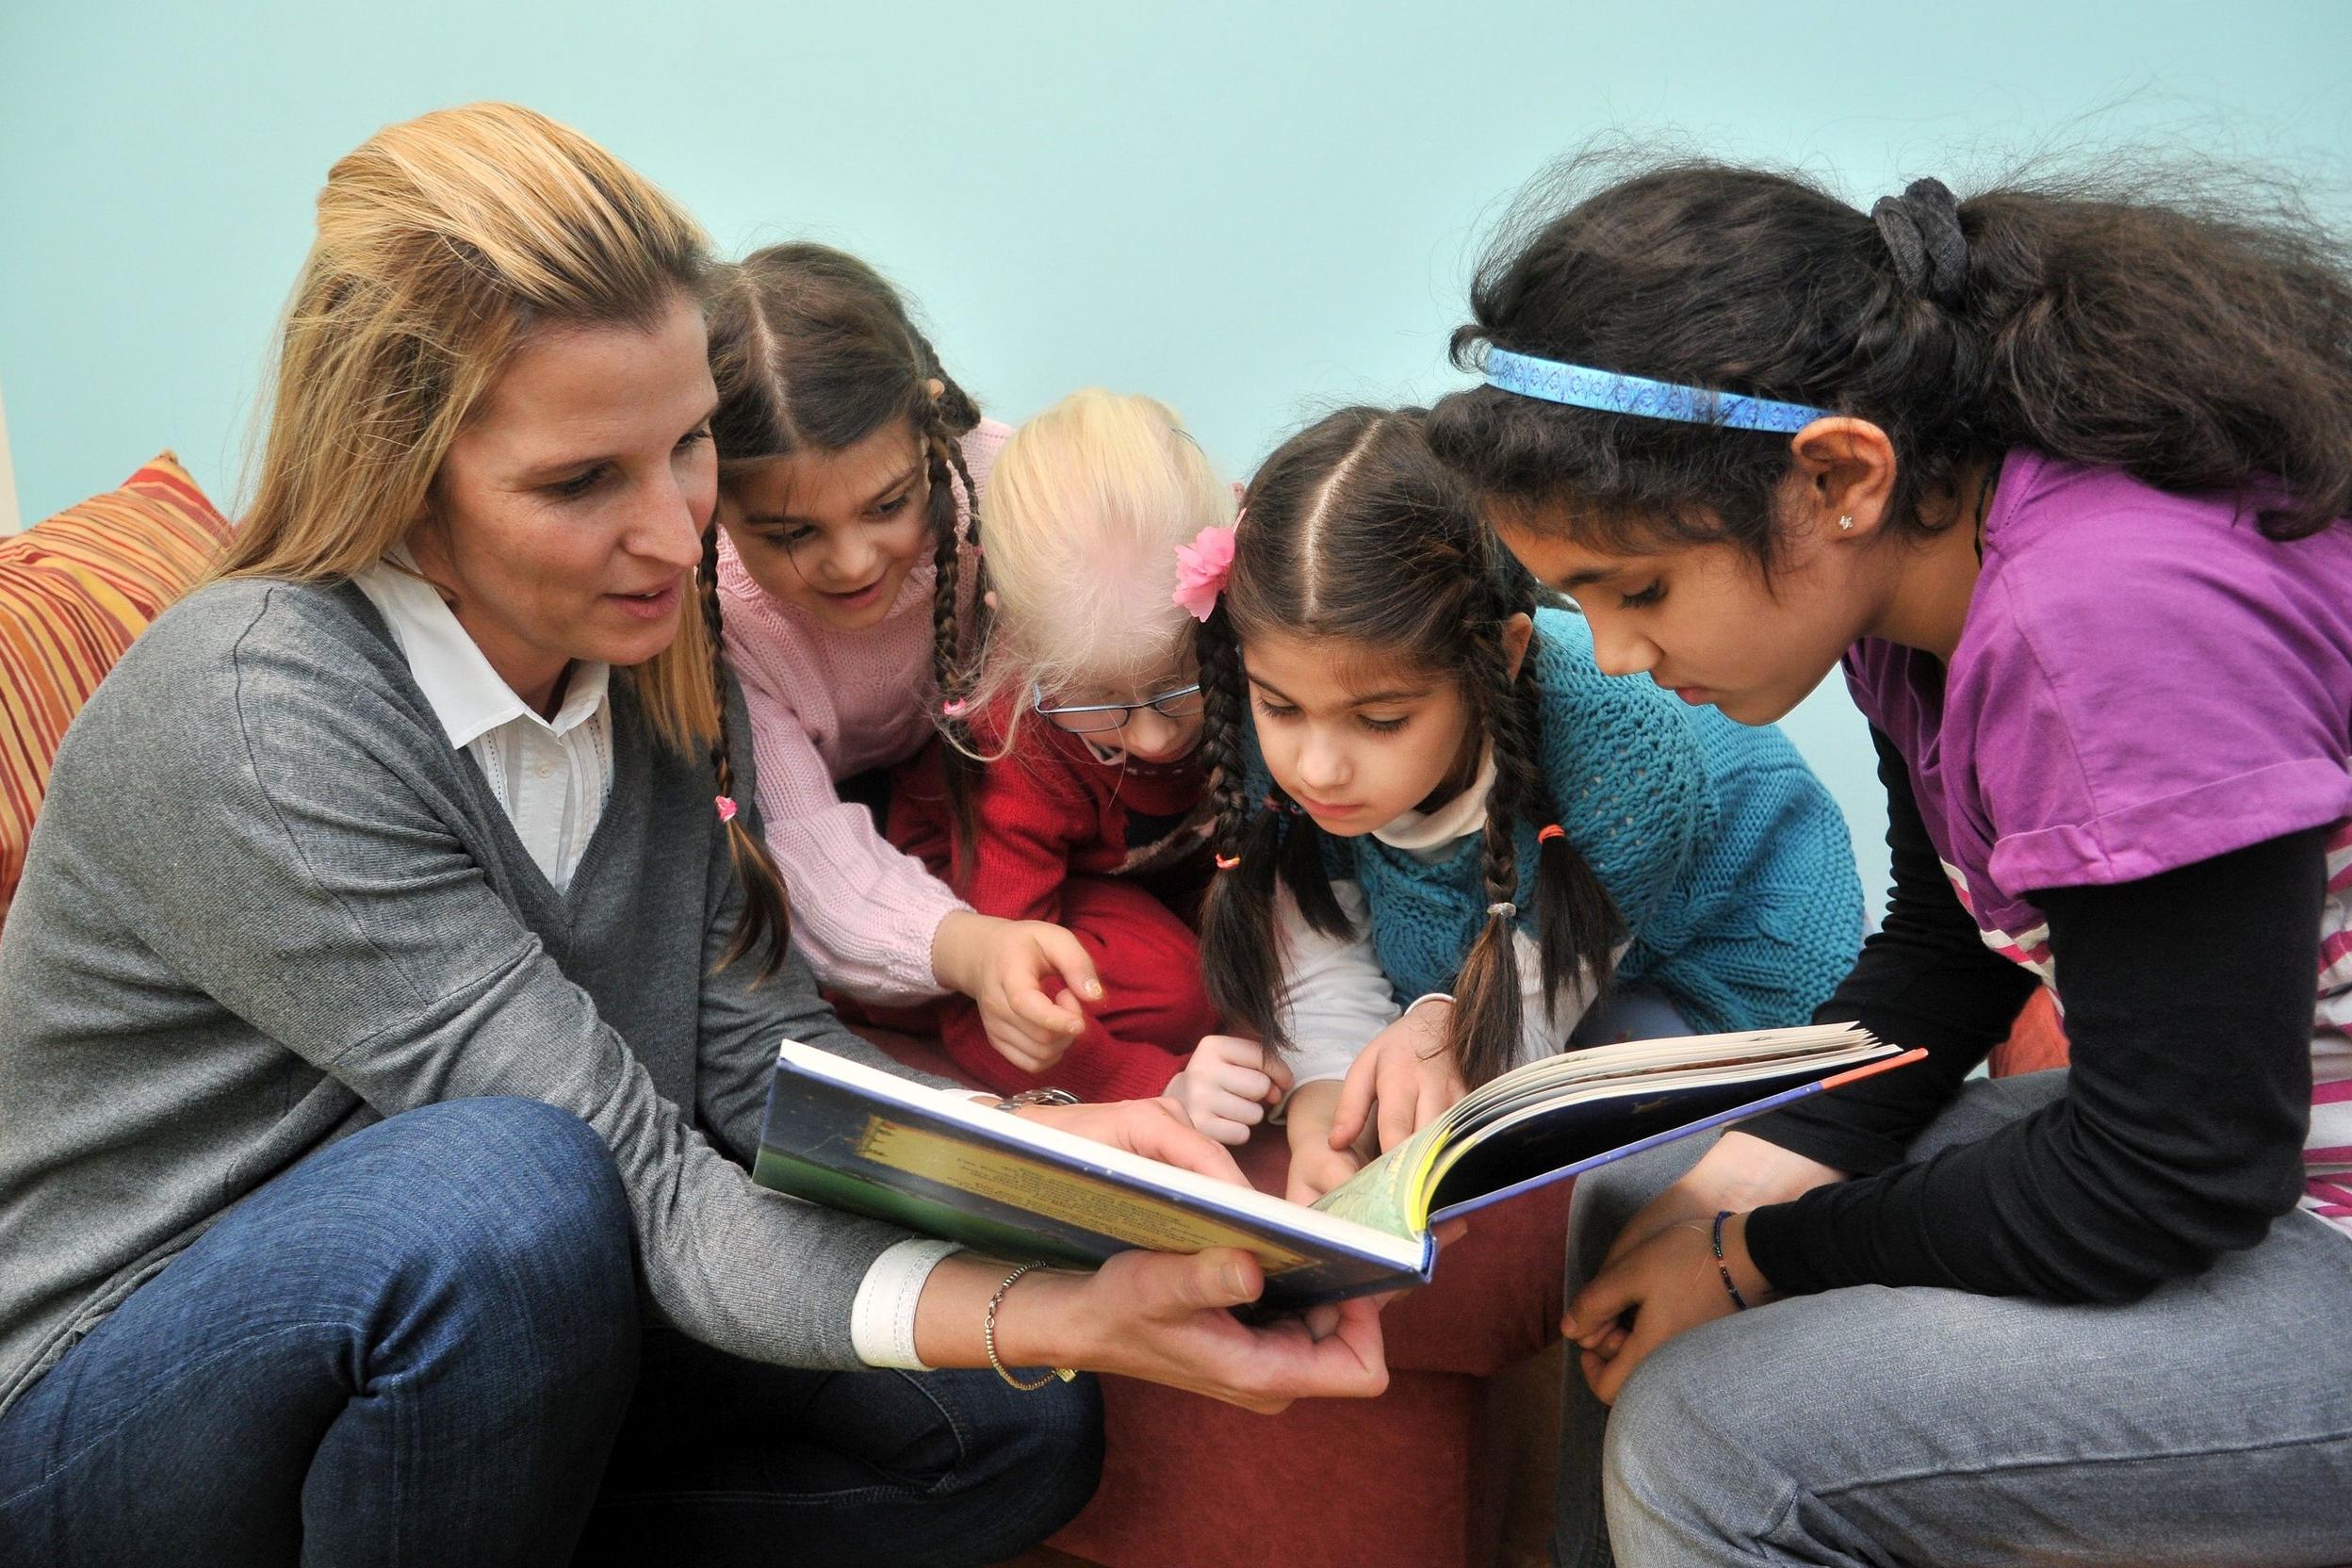 Ehrenamtliche Unterstützende sind für unsere Arbeit mit Kindern und für Kinder essentiell.